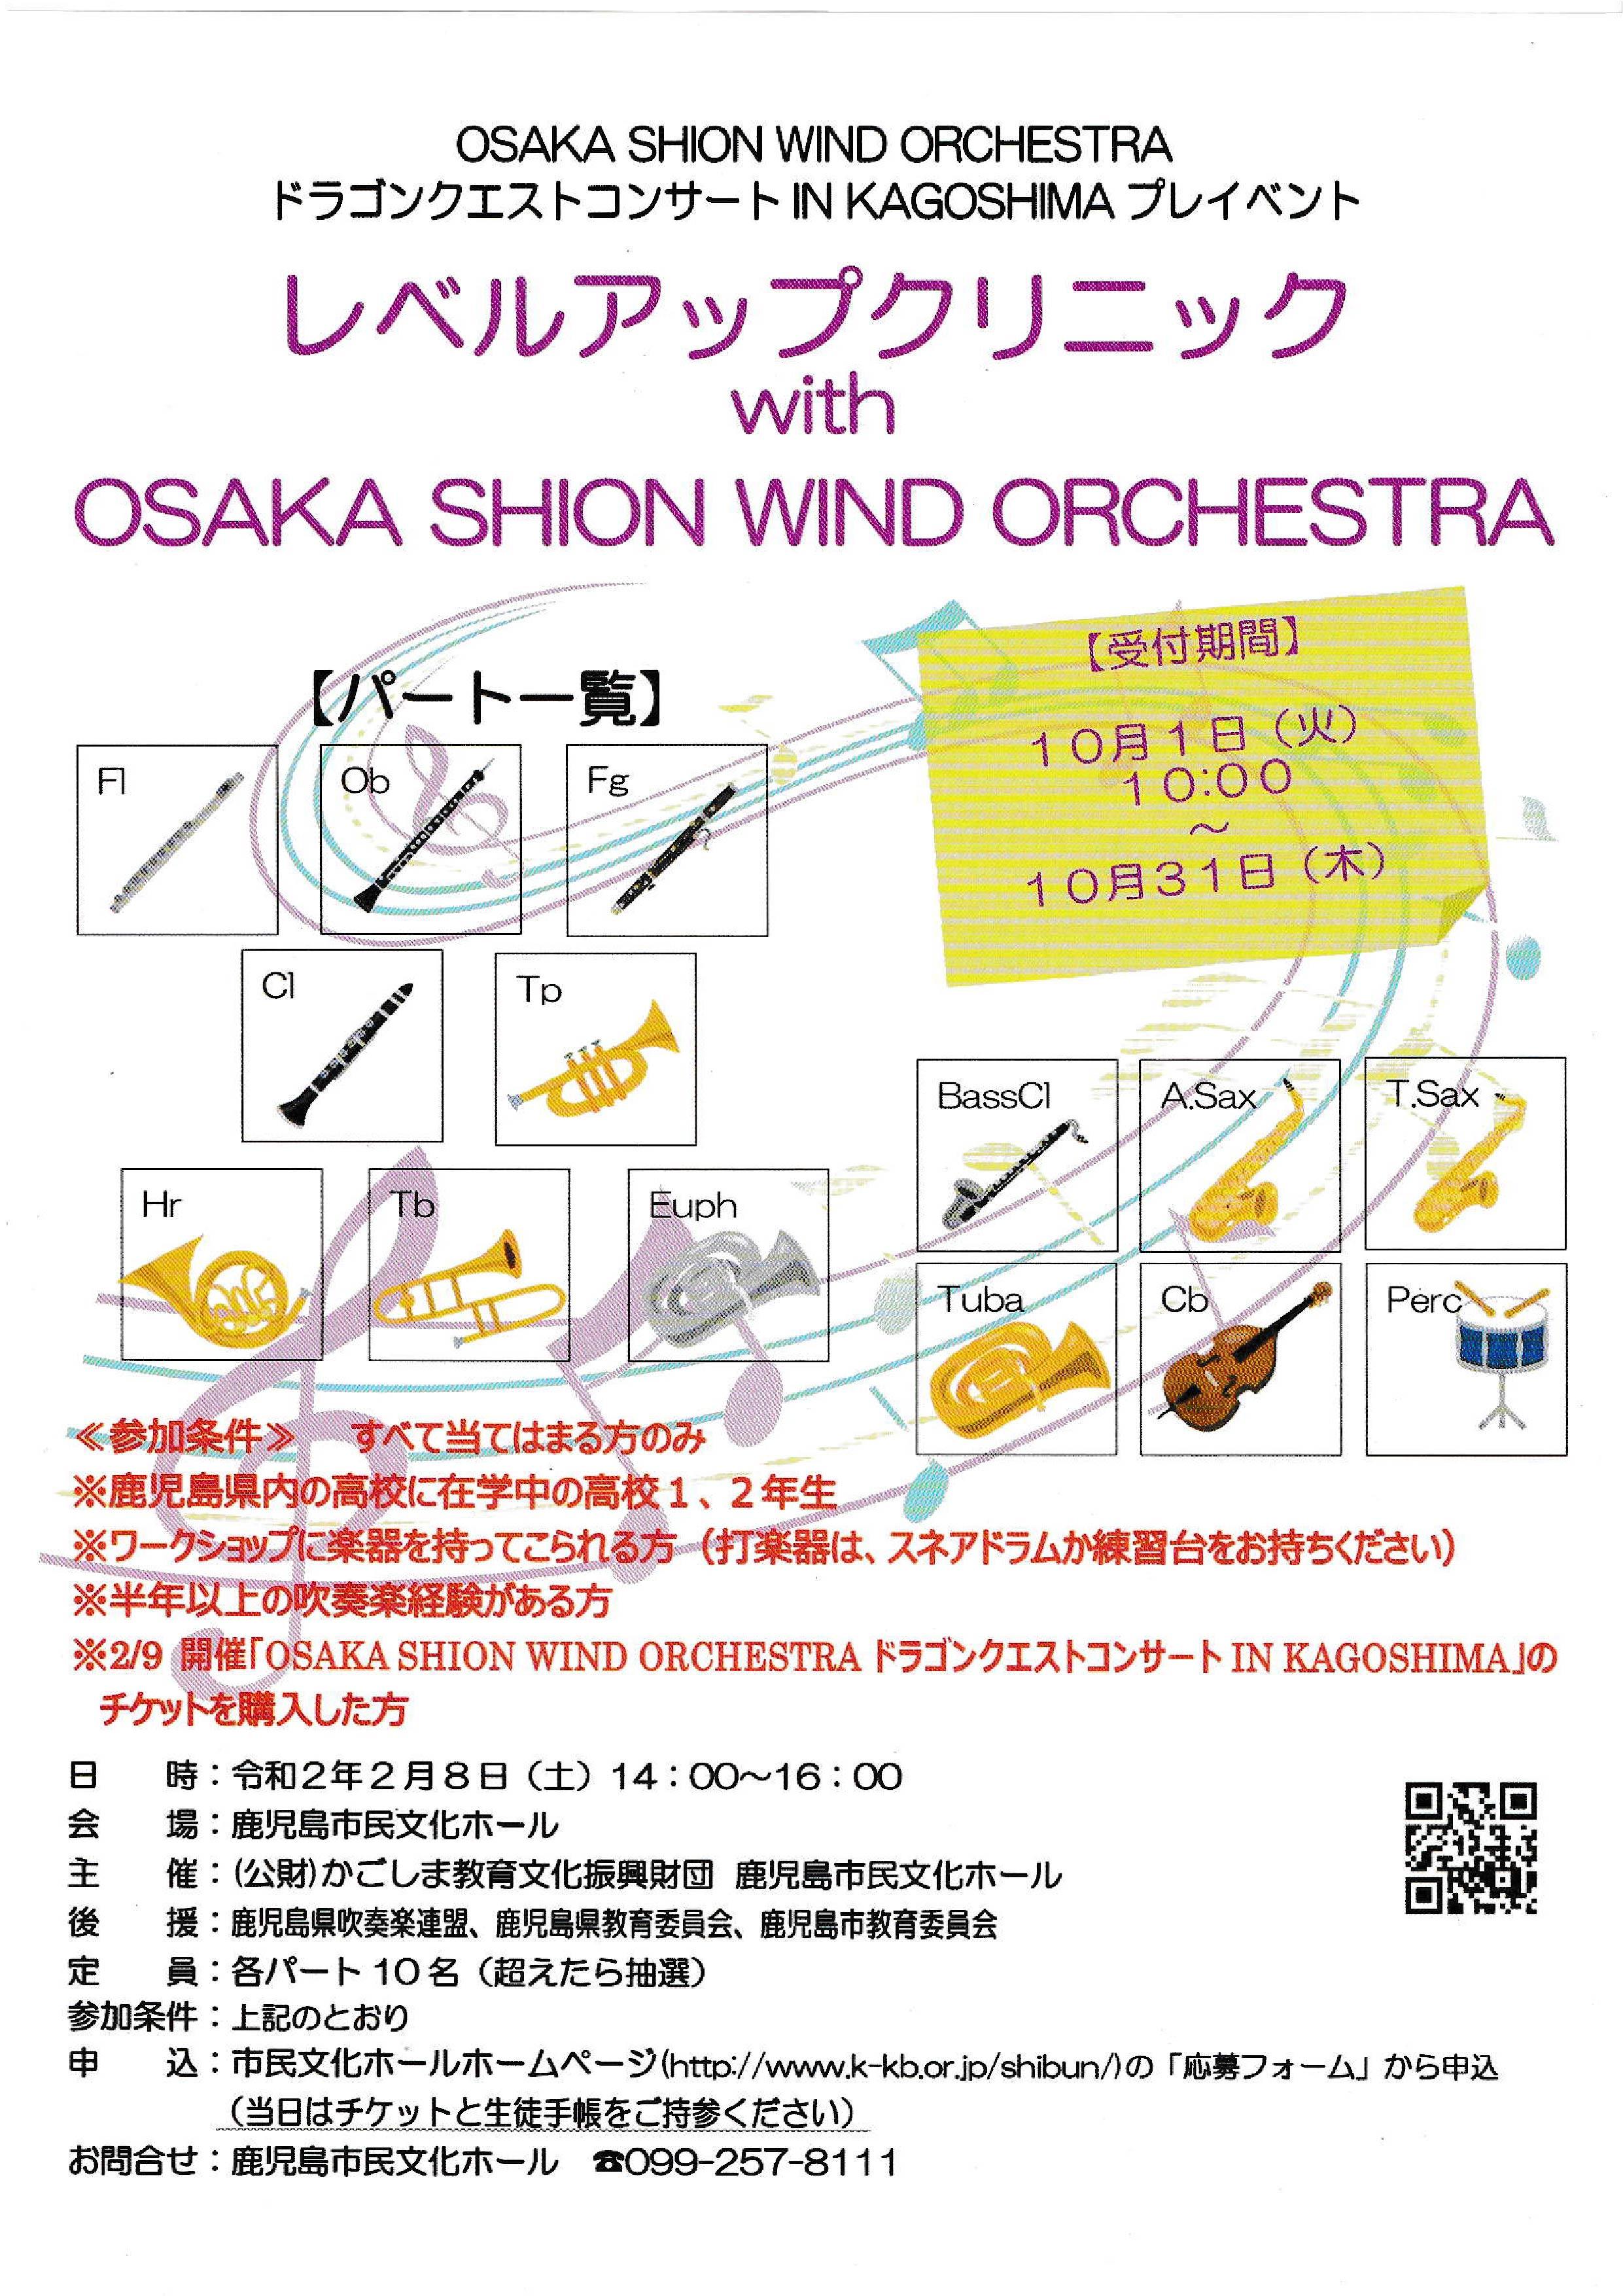 プレイベント「レベルアップクリニック with OSAKA SHION WIND ORCHESTRA」受講者募集